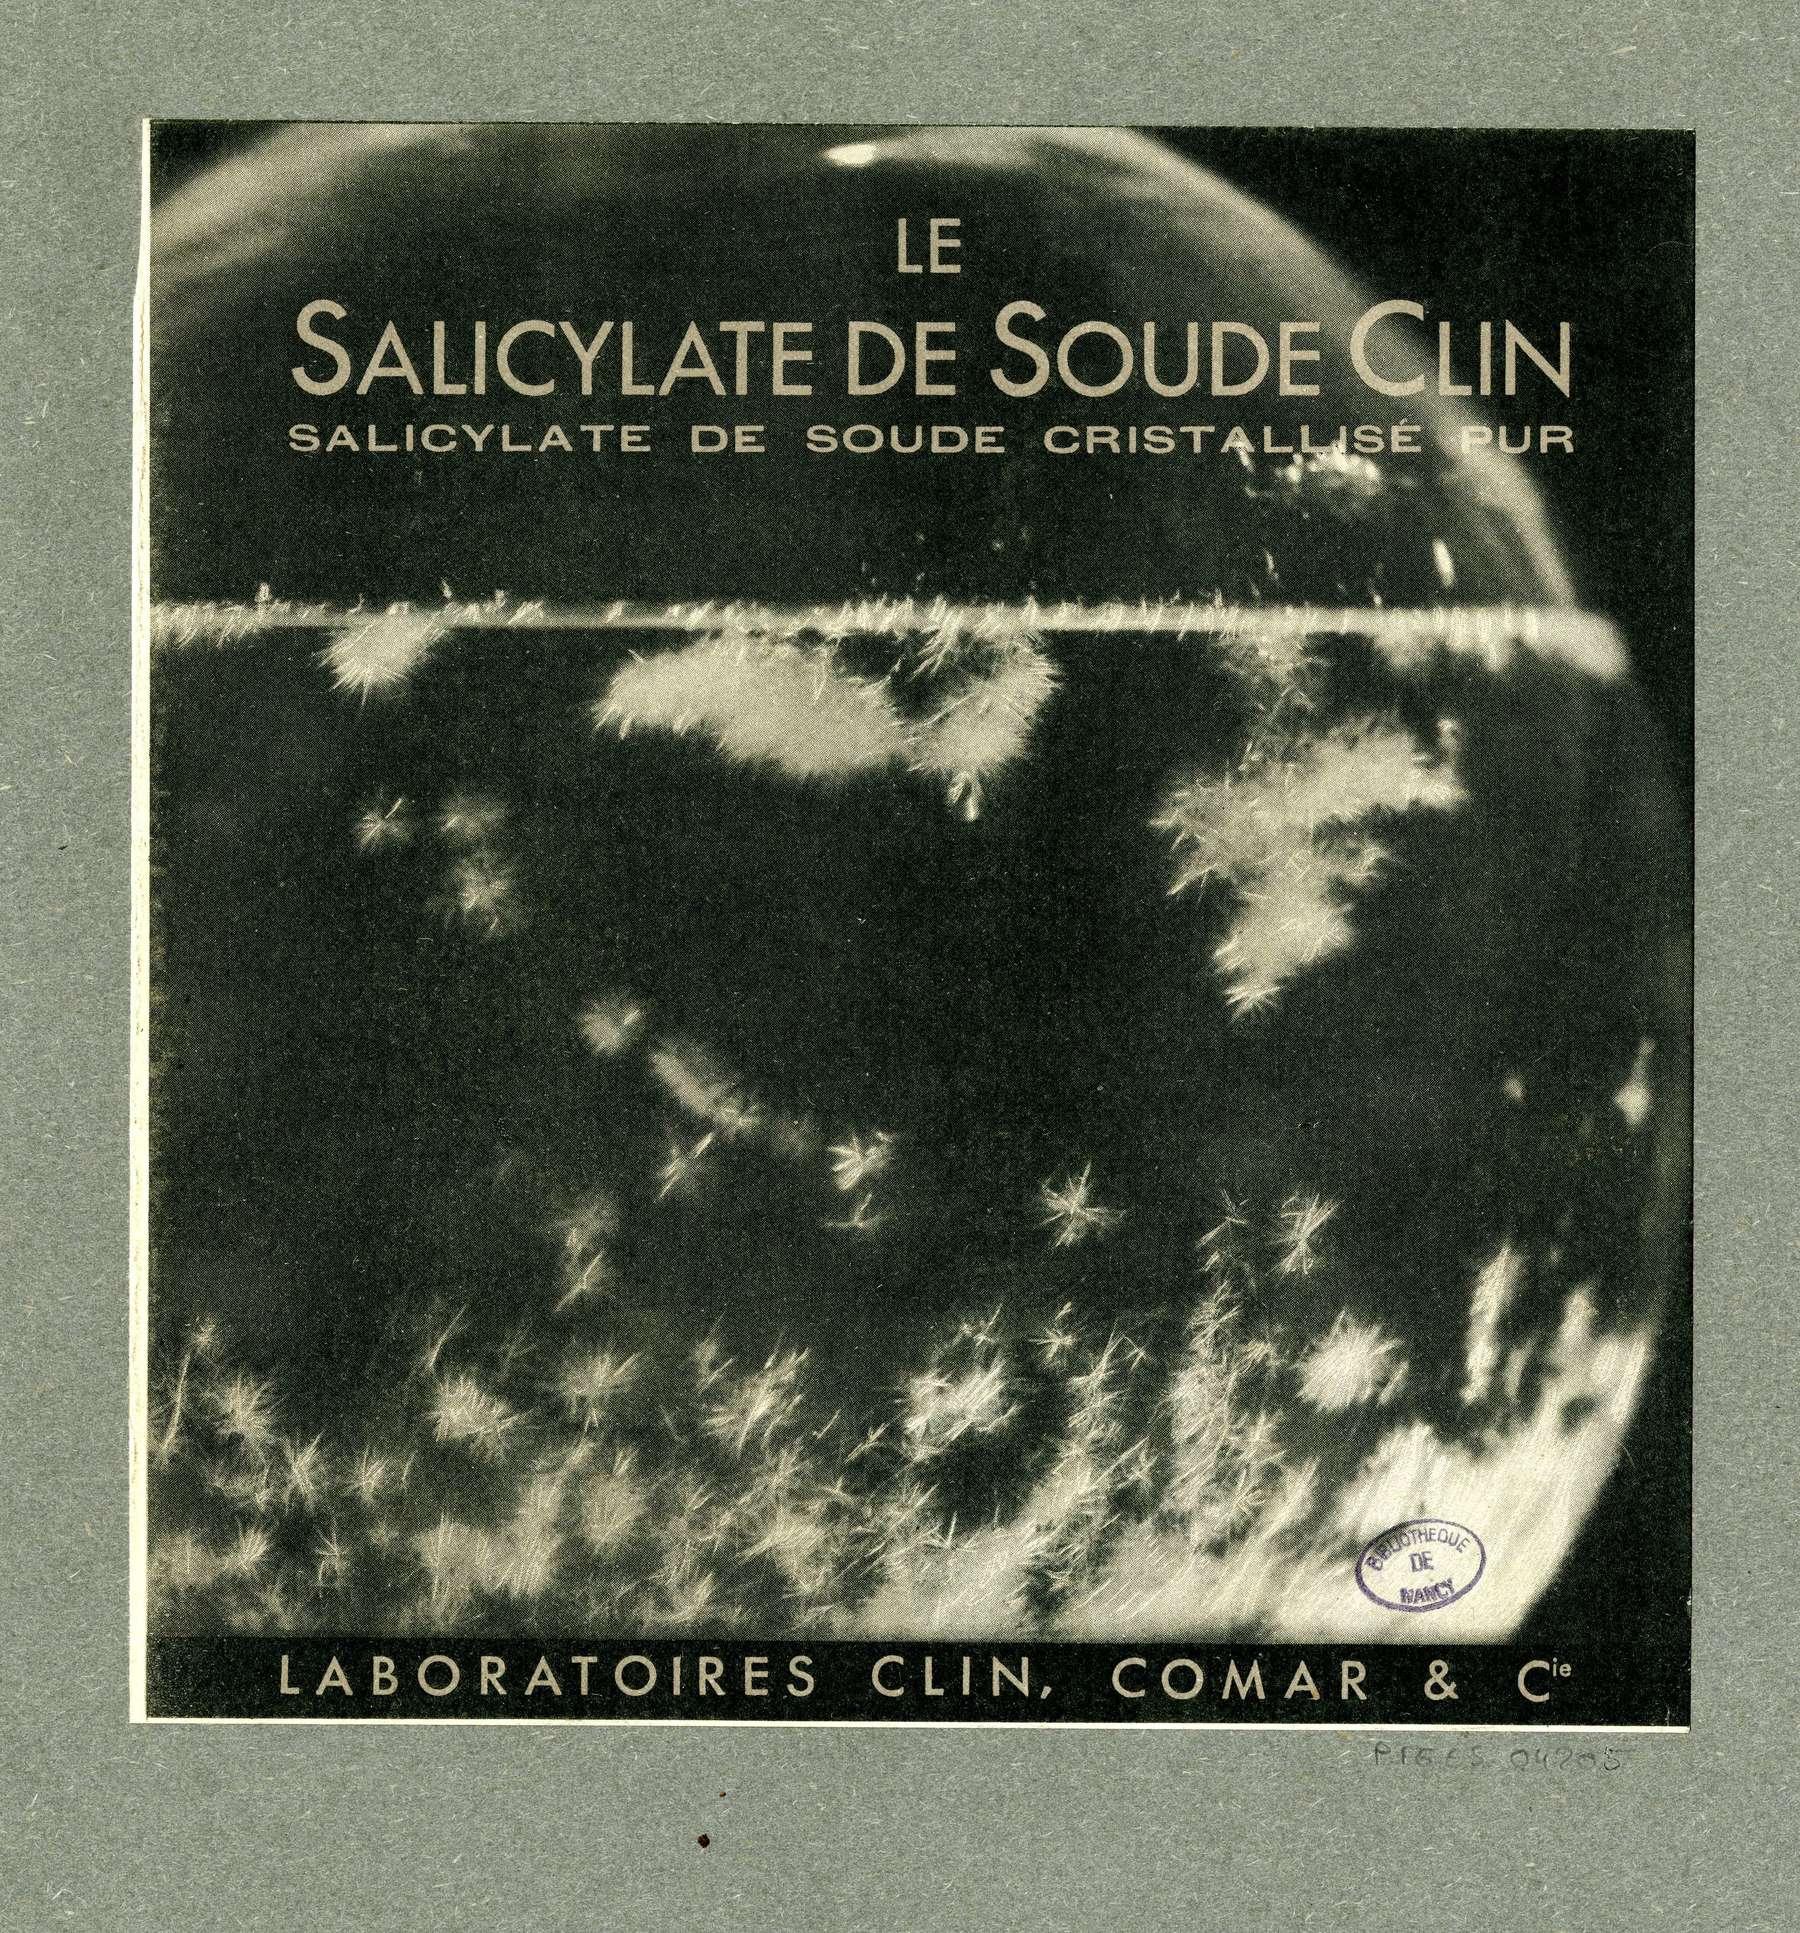 Contenu du Le salicylate de soude Clin